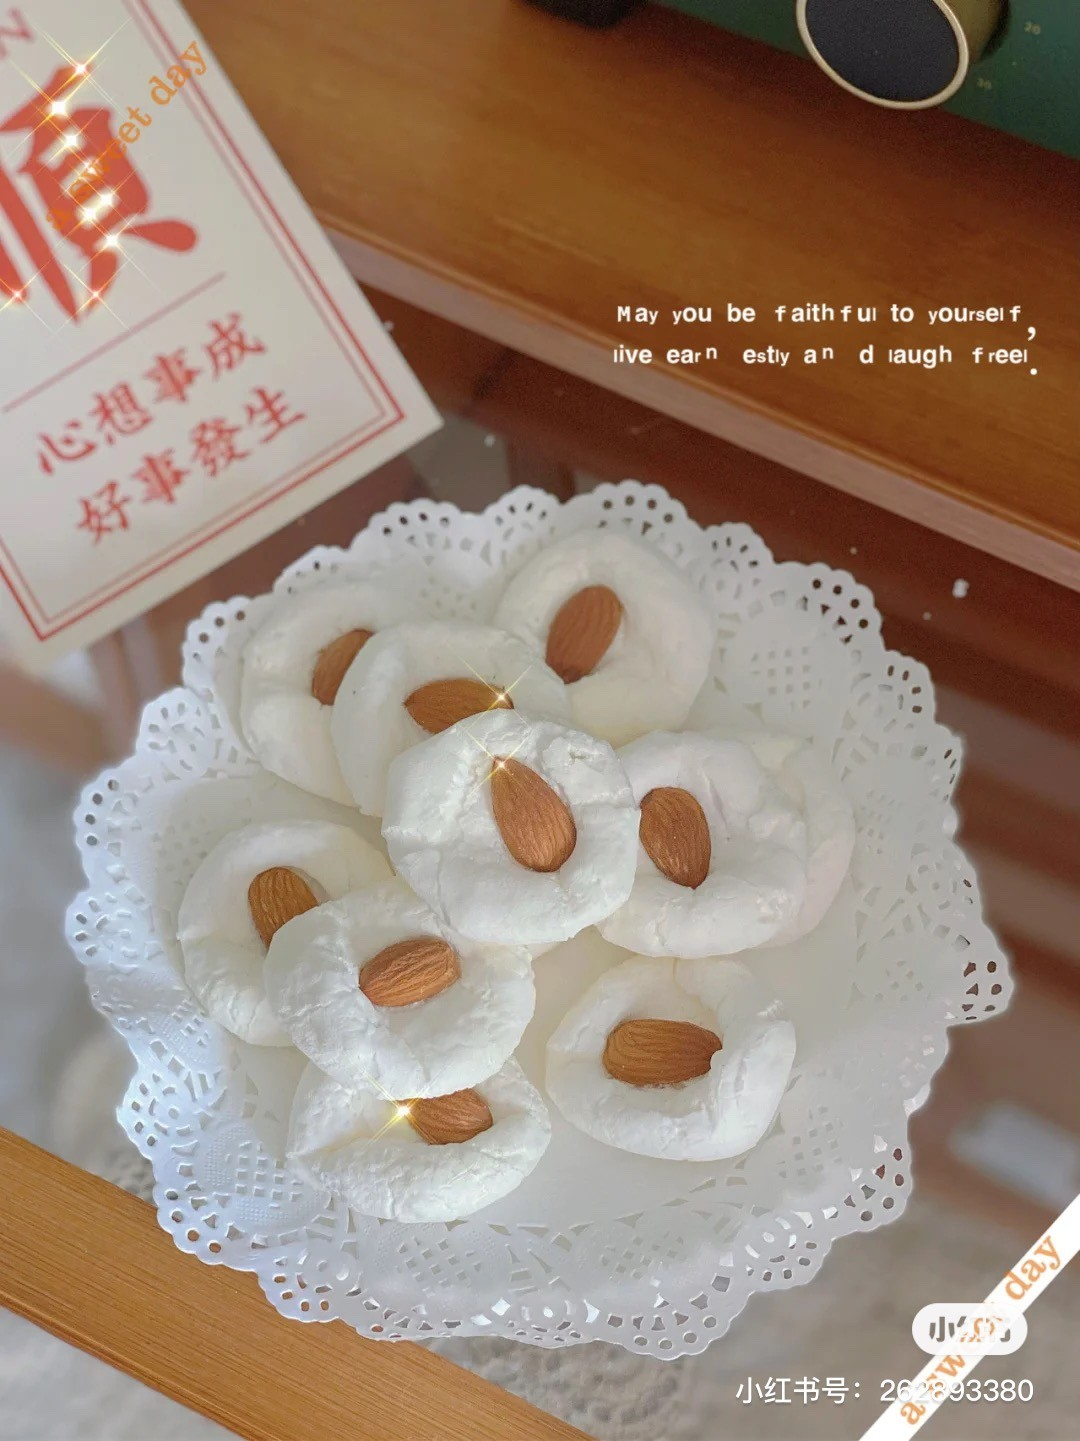 棉花糖饼干——还有更简单的下午茶做法吗?成品图